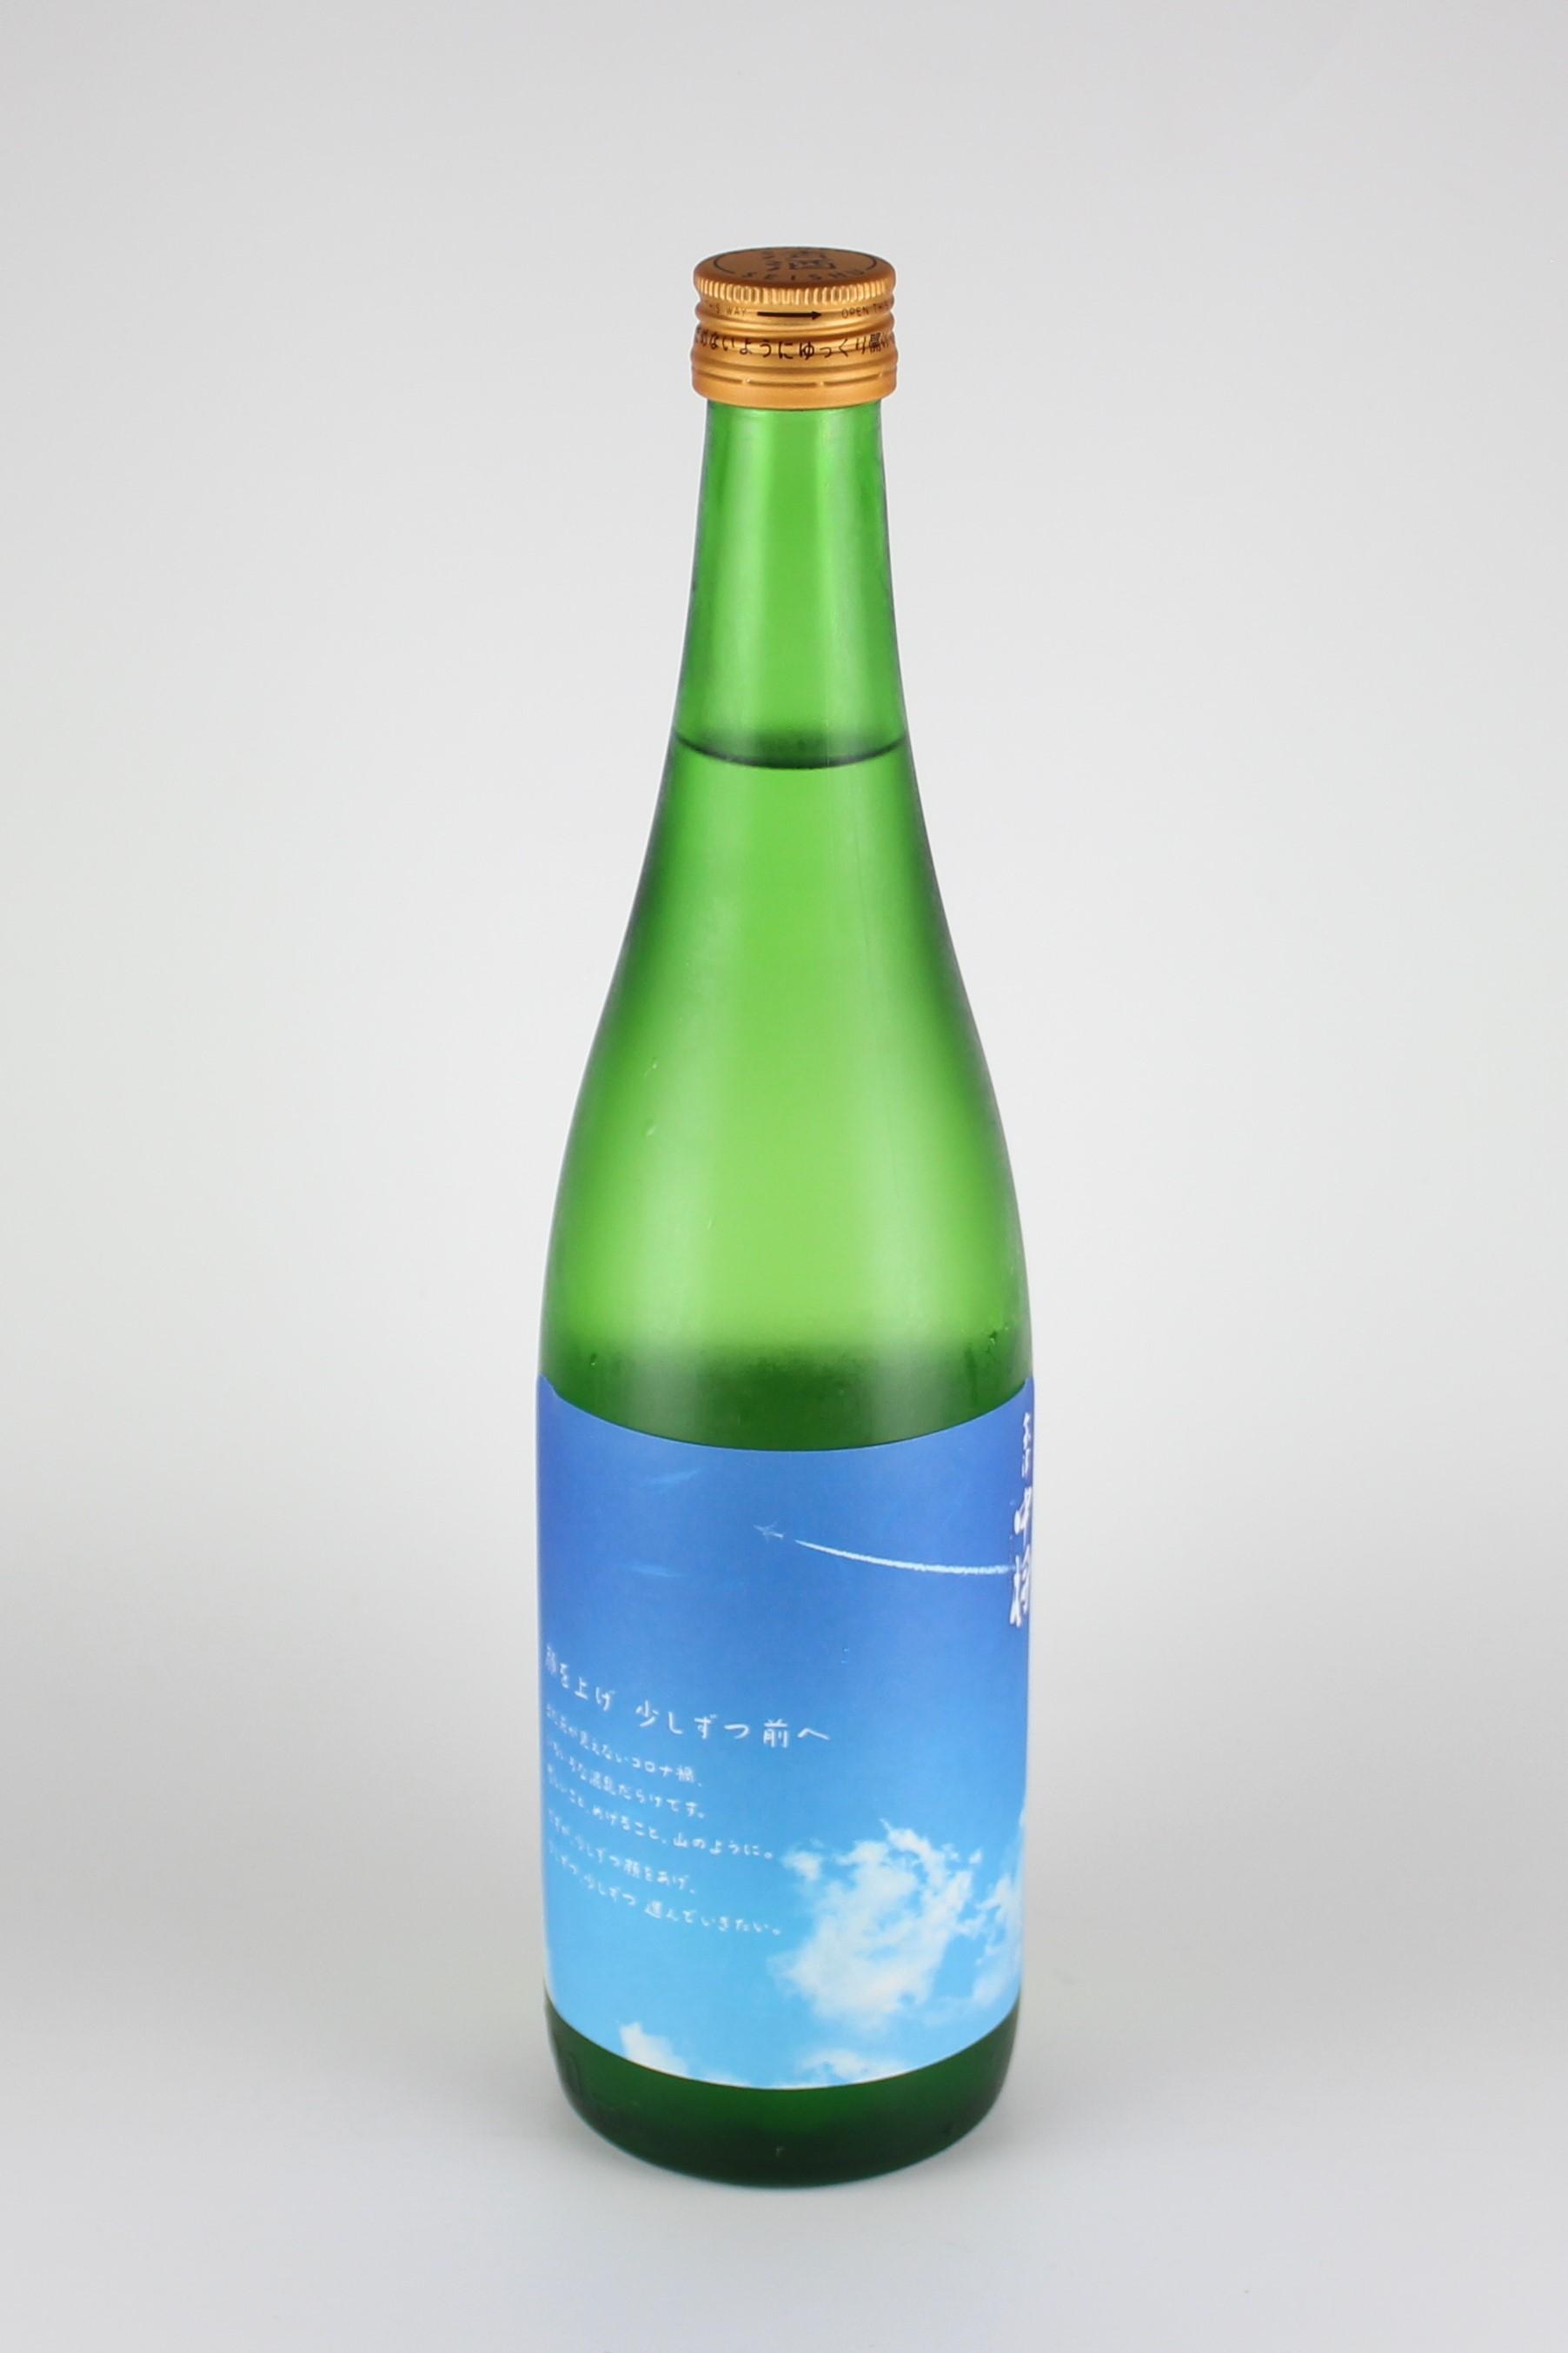 会津中将 顔を上げ少しずつ前へ 純米吟醸 720ml 【福島/鶴乃江酒造】